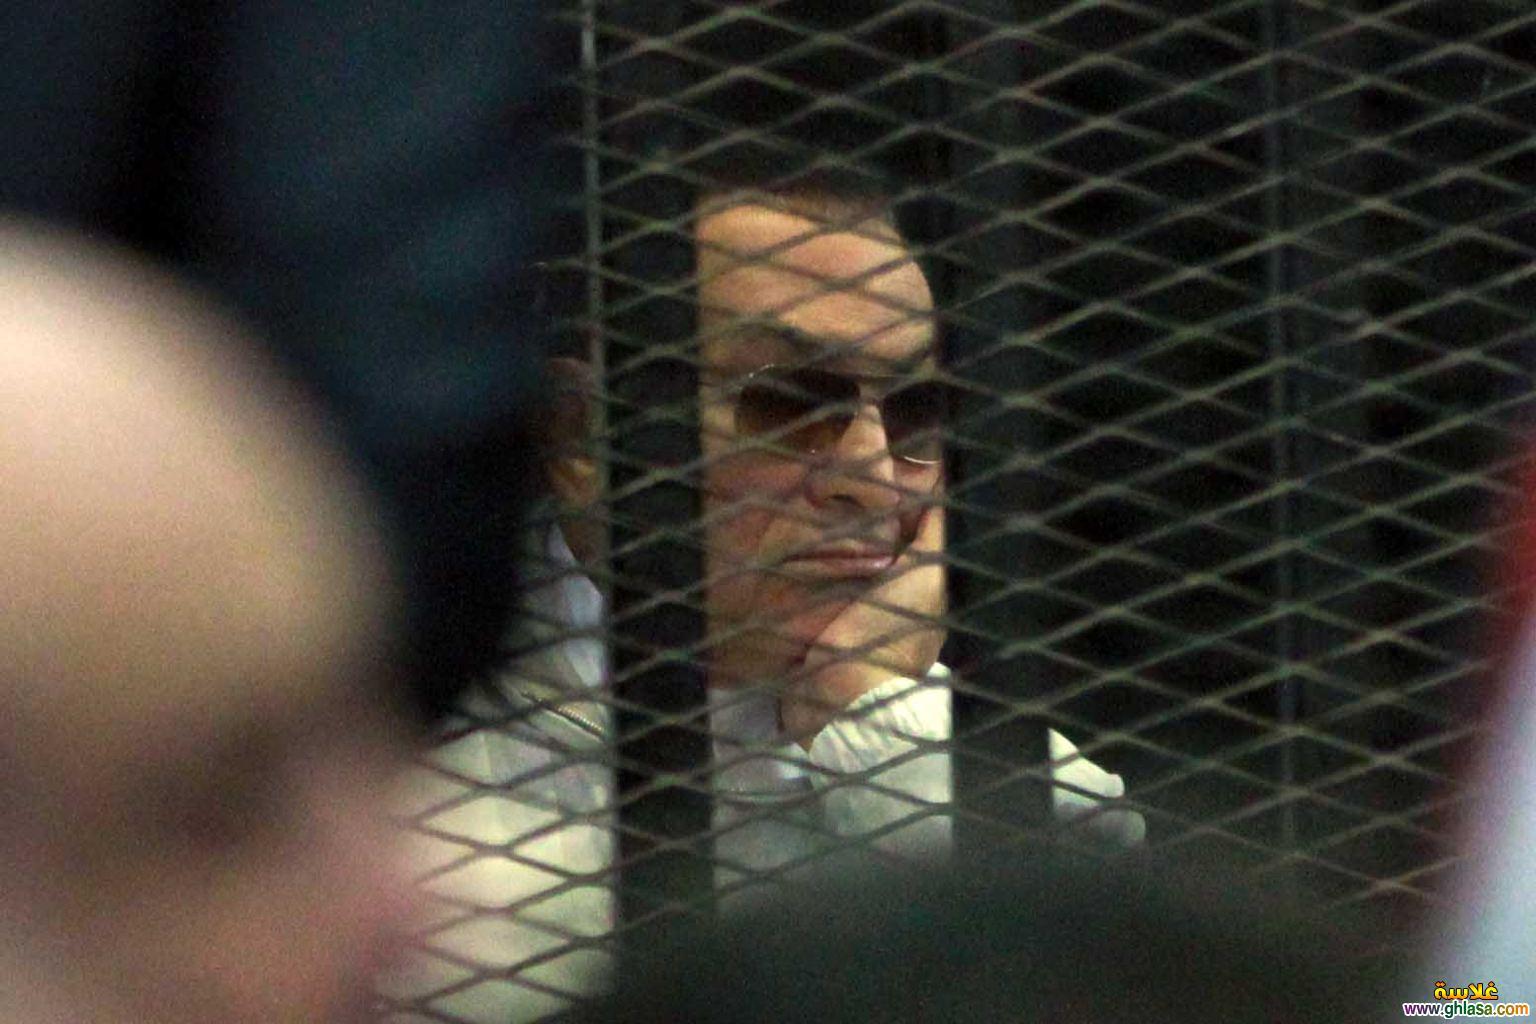 اول صور  مبارك خارج السجن 2018 ghlasa1377487726031.jpg